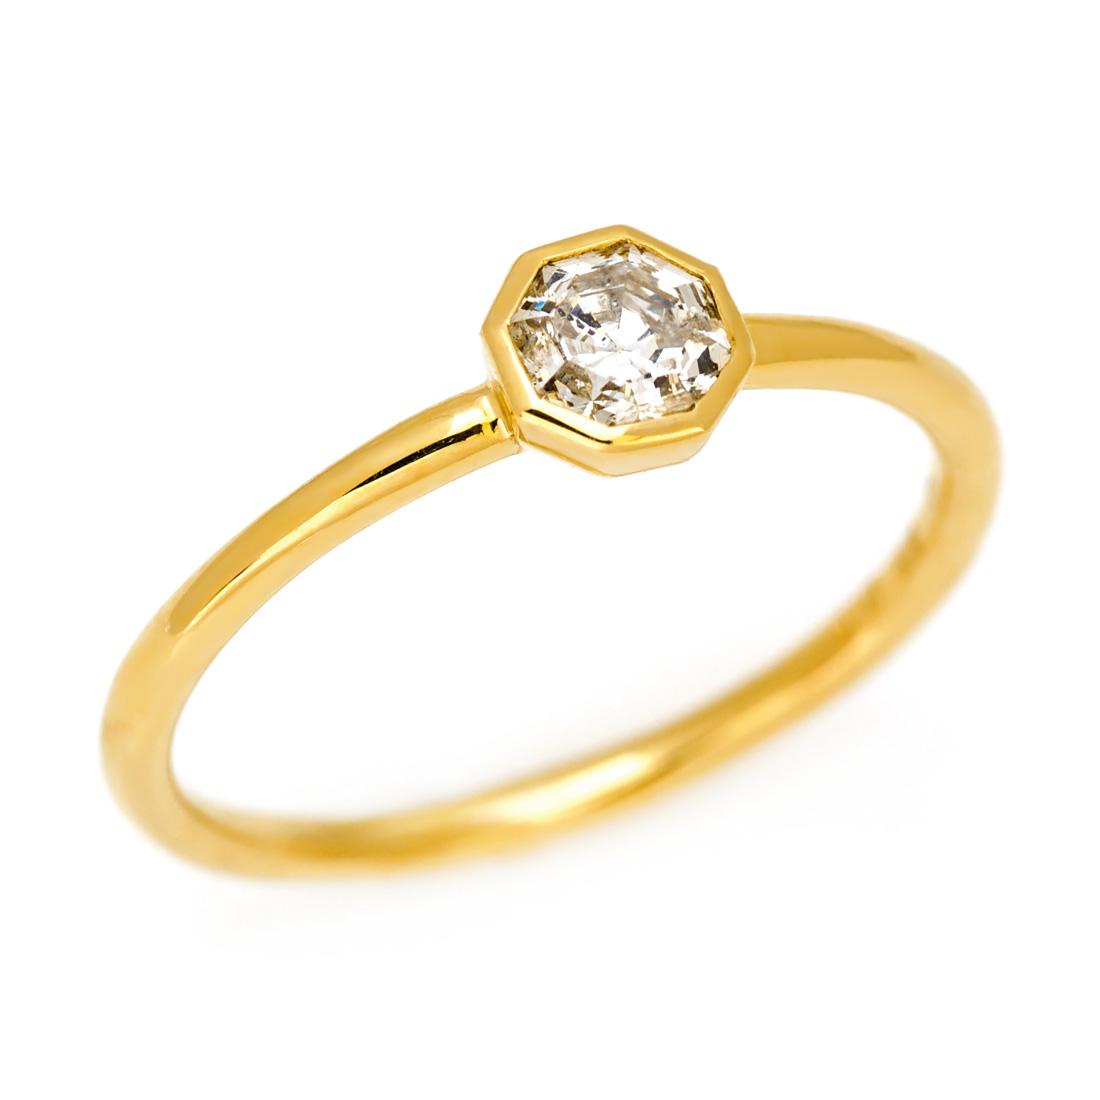 【GWクーポン配布中】K18 0.3ct オクタゴン ダイヤモンド リング送料無料 指輪 ゴールド 18K 18金 ダイアモンド 誕生日 4月誕生石 刻印 文字入れ メッセージ ギフト 贈り物 ピンキーリング対応可能